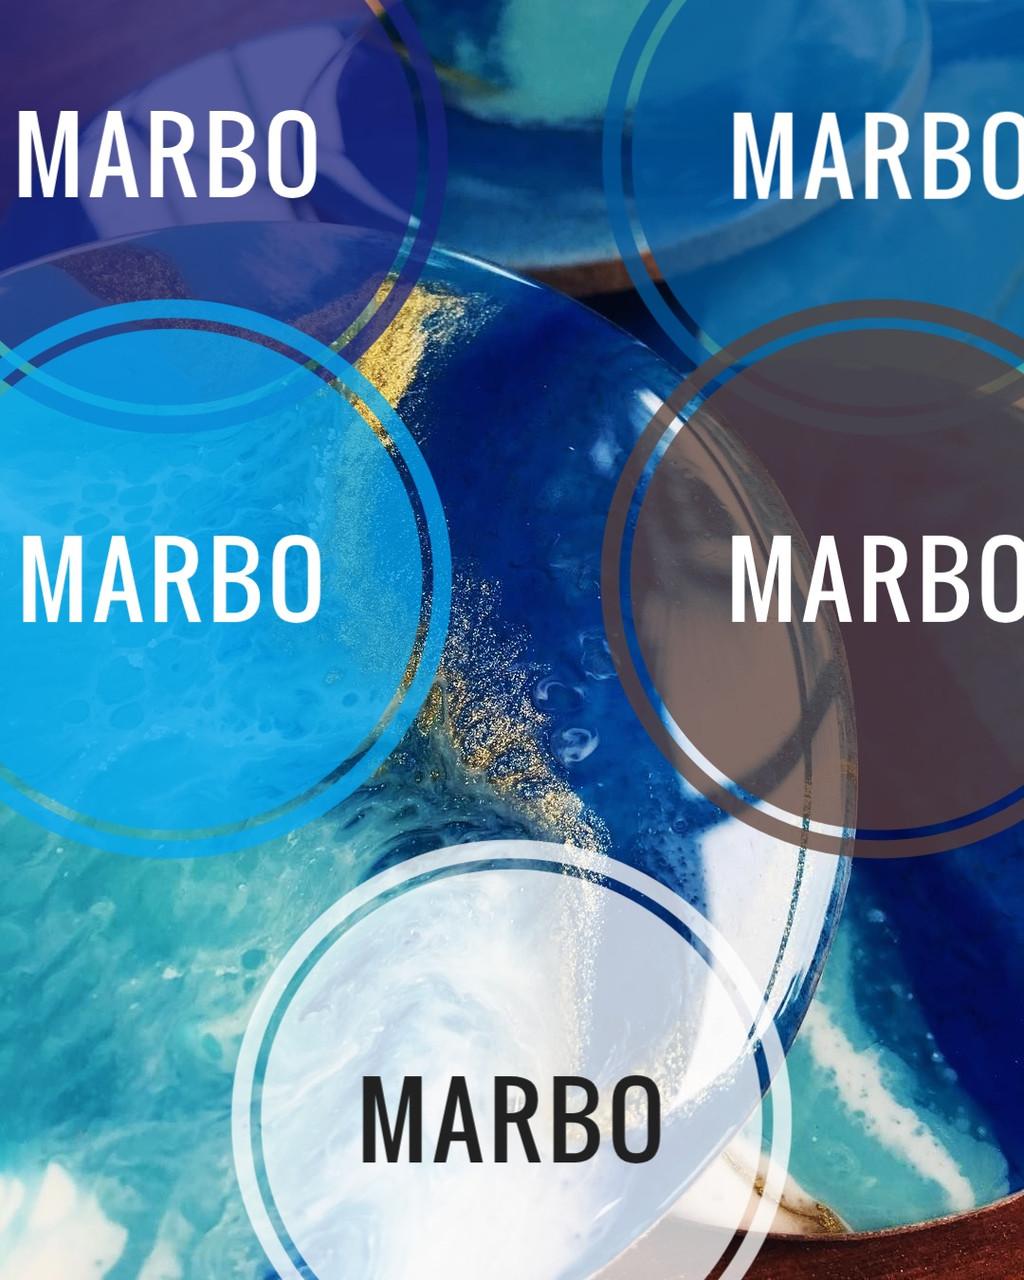 """Набор красителей """"Морской"""" Марбо Marbo (Италия), 5 шт х 5 мл, концентрированные"""